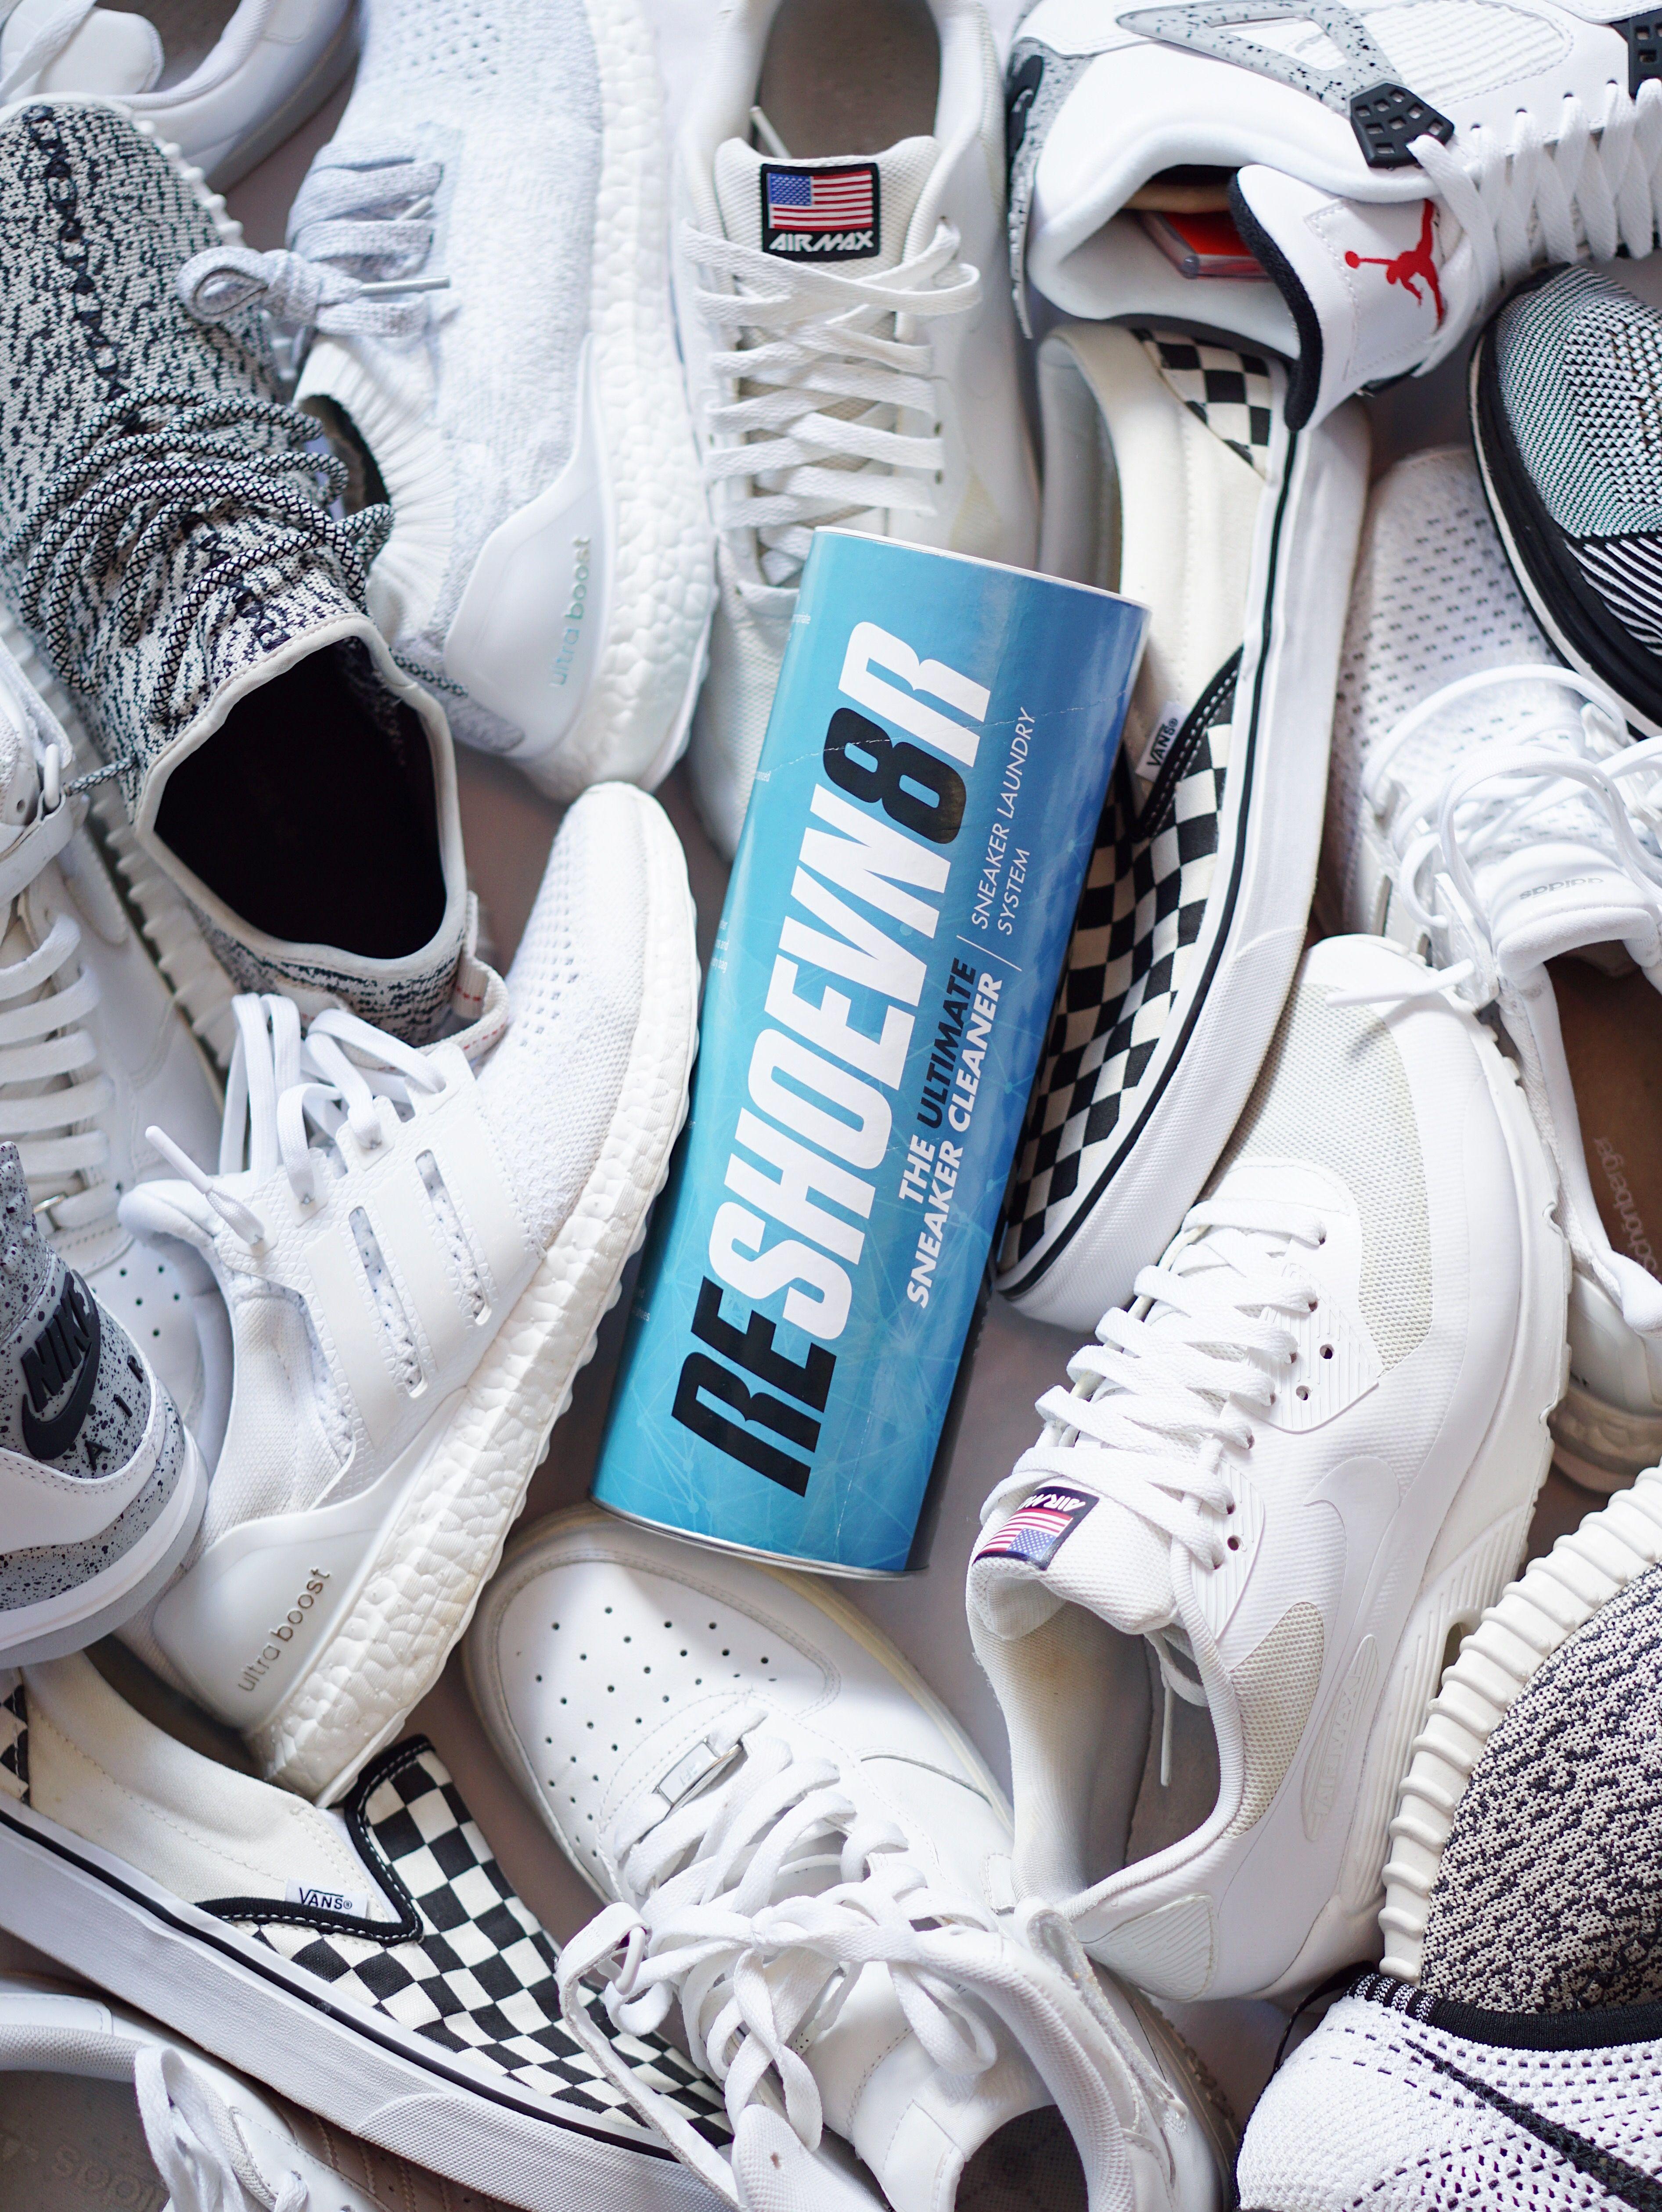 Advanced 3 Brush Sneaker Laundry System Sneaker Cleaner